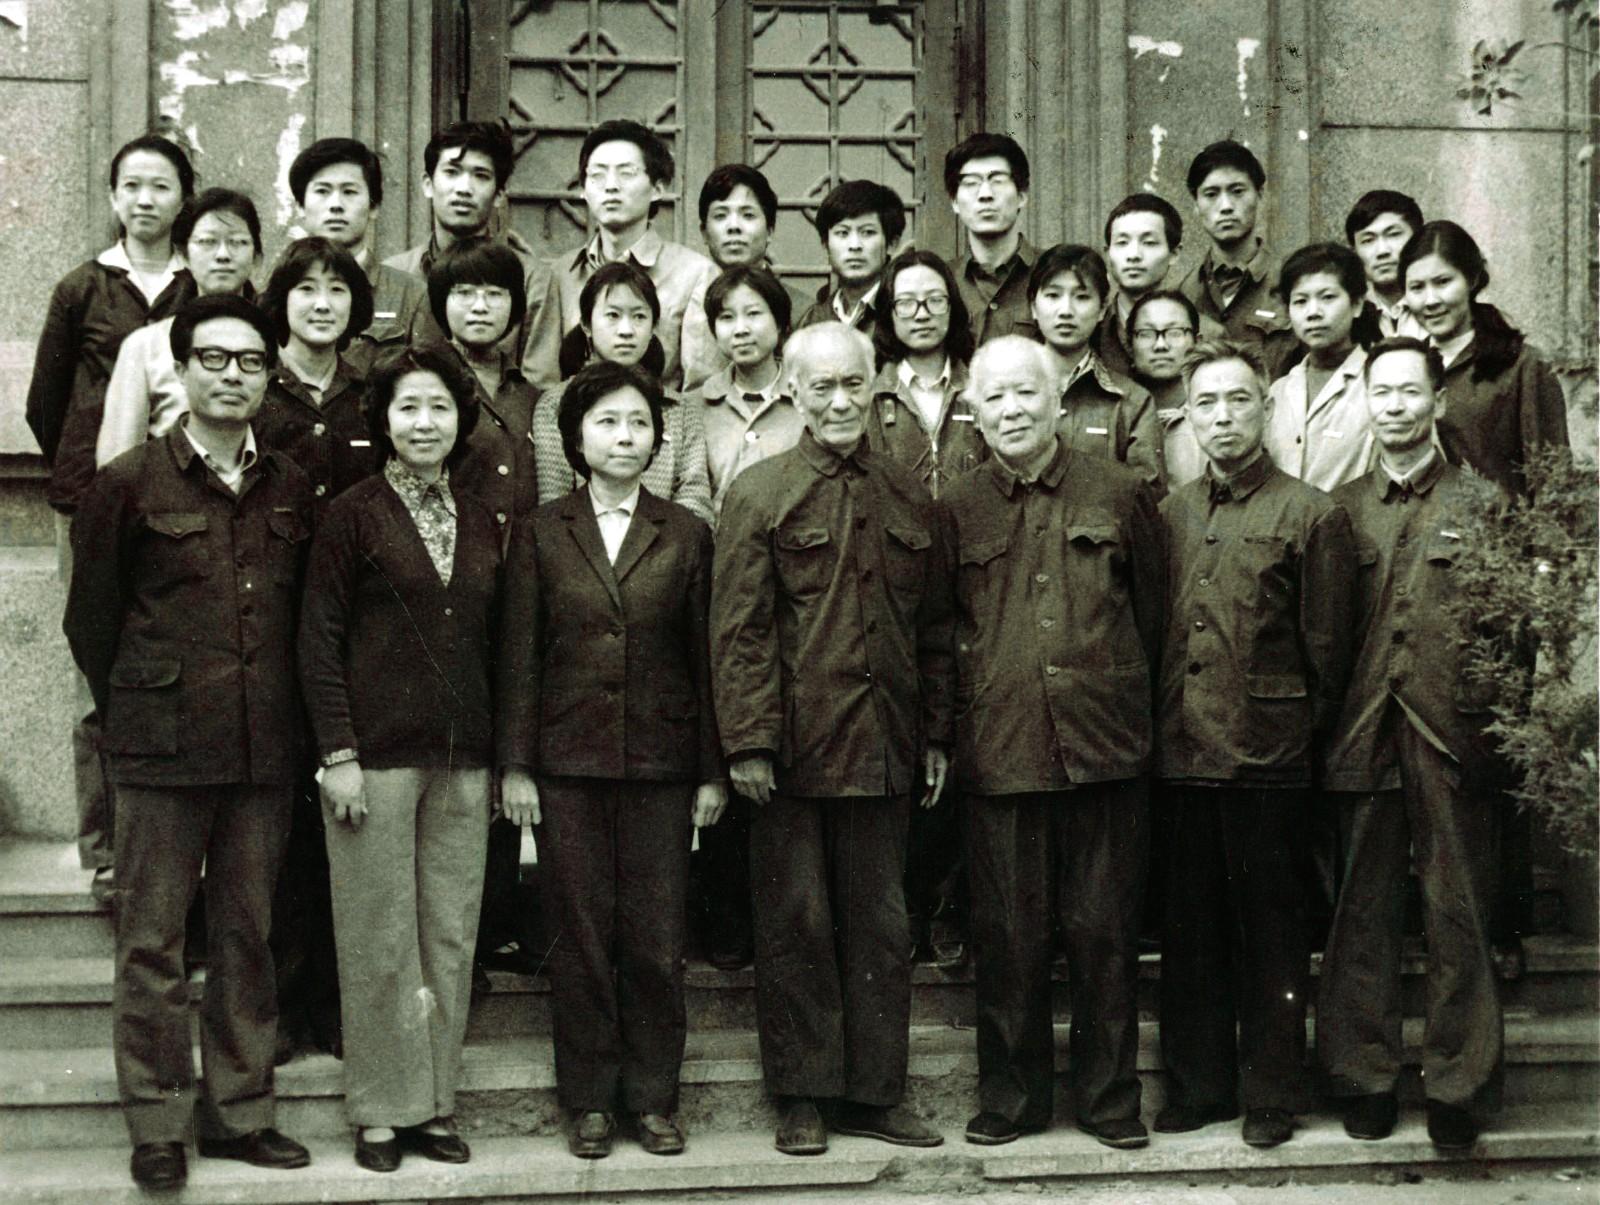 1983年中央工艺美术学院工艺美术史论系第一届本科生与院领导、教师合影。.jpg